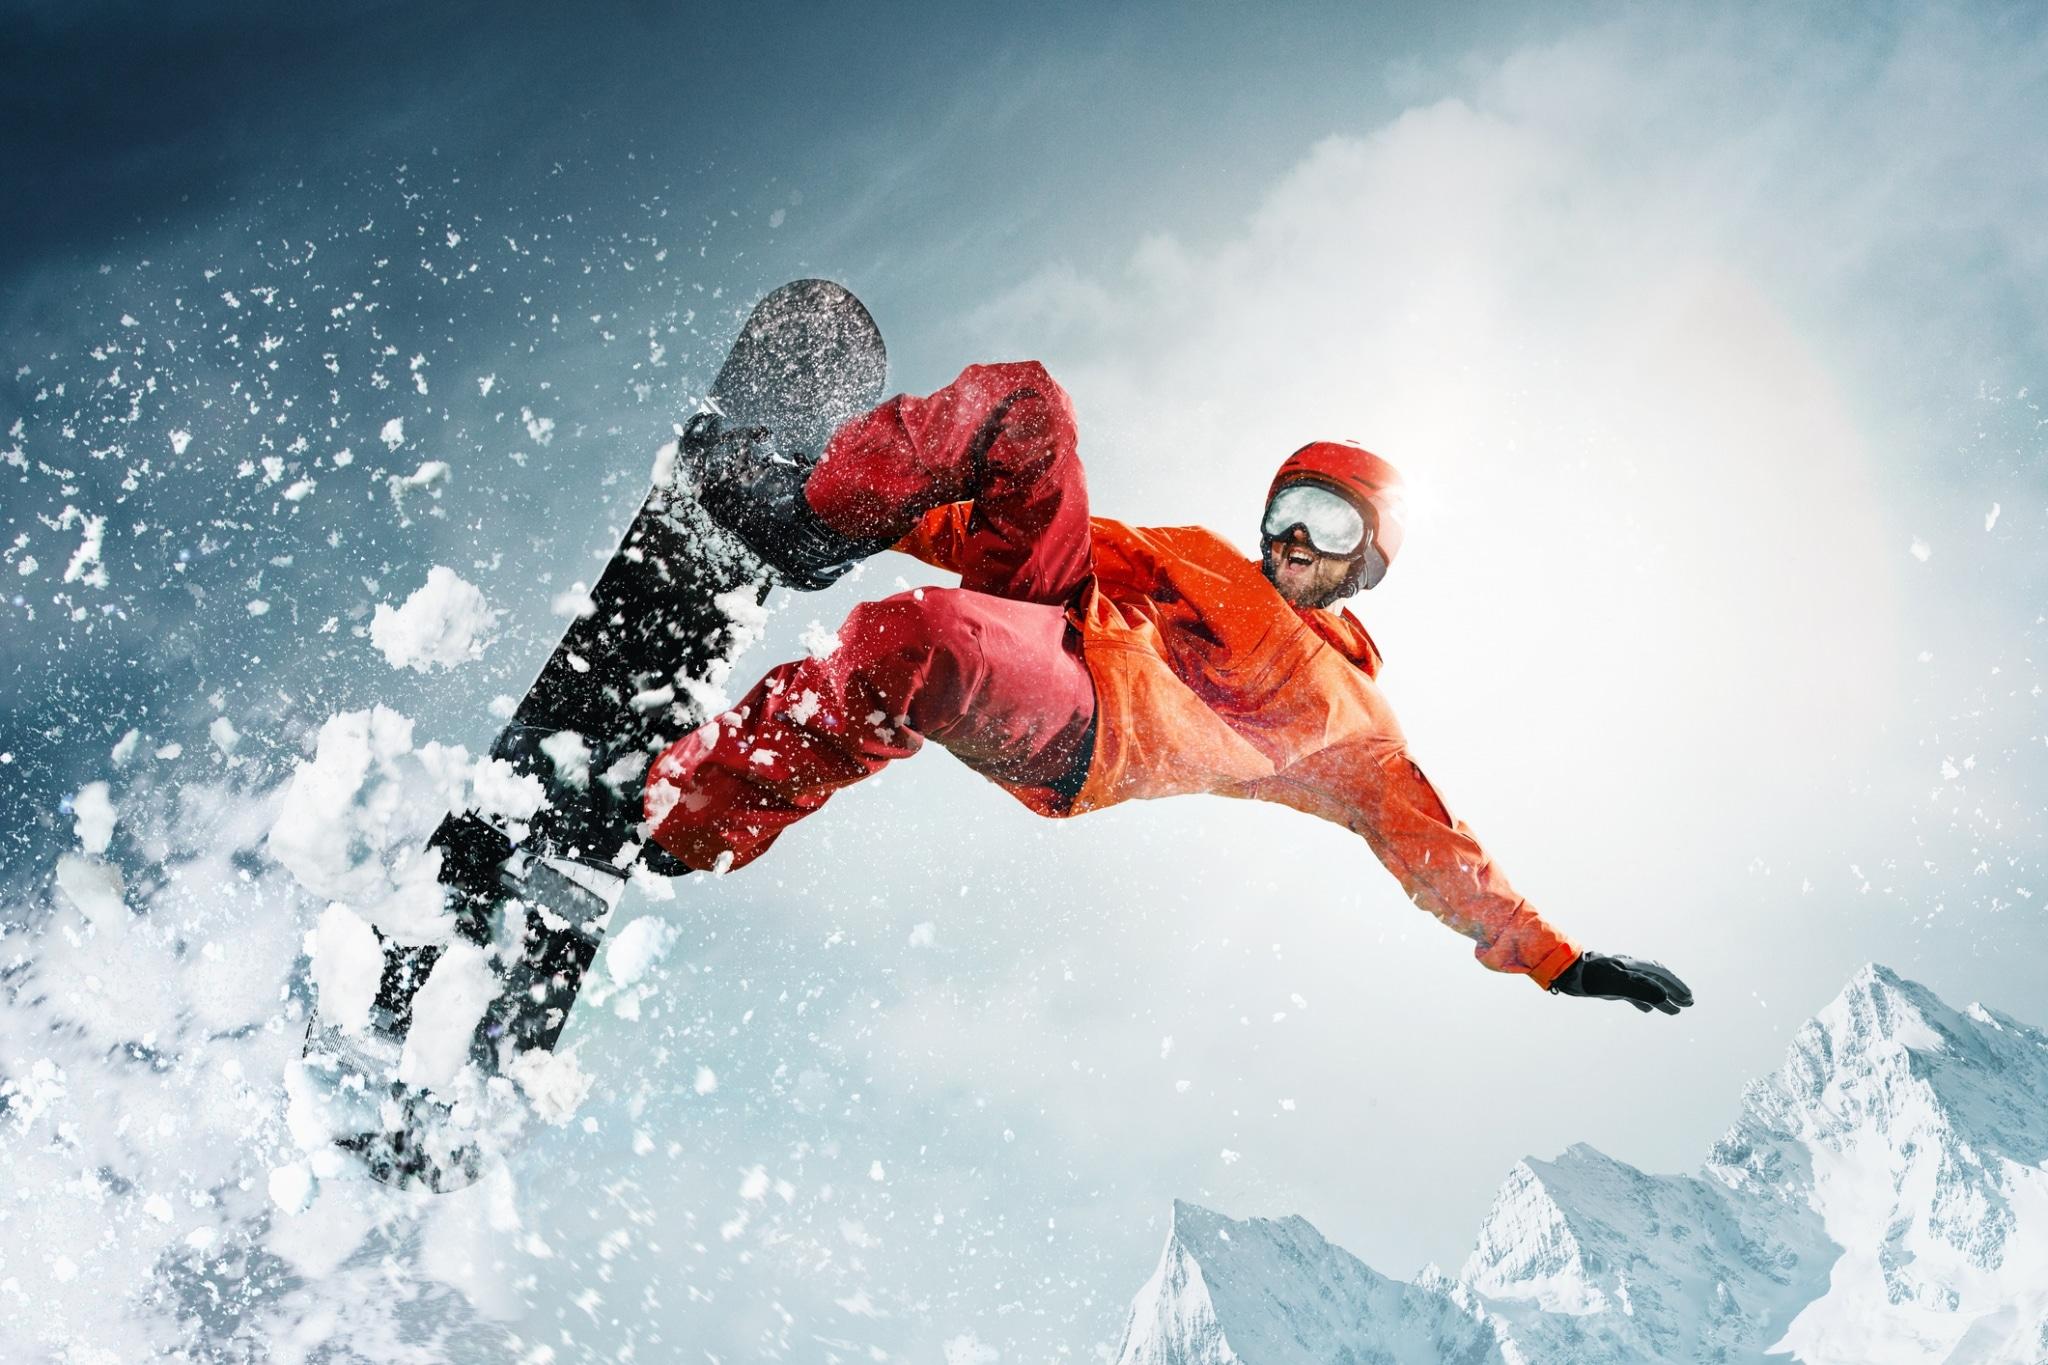 Snowboarder springt